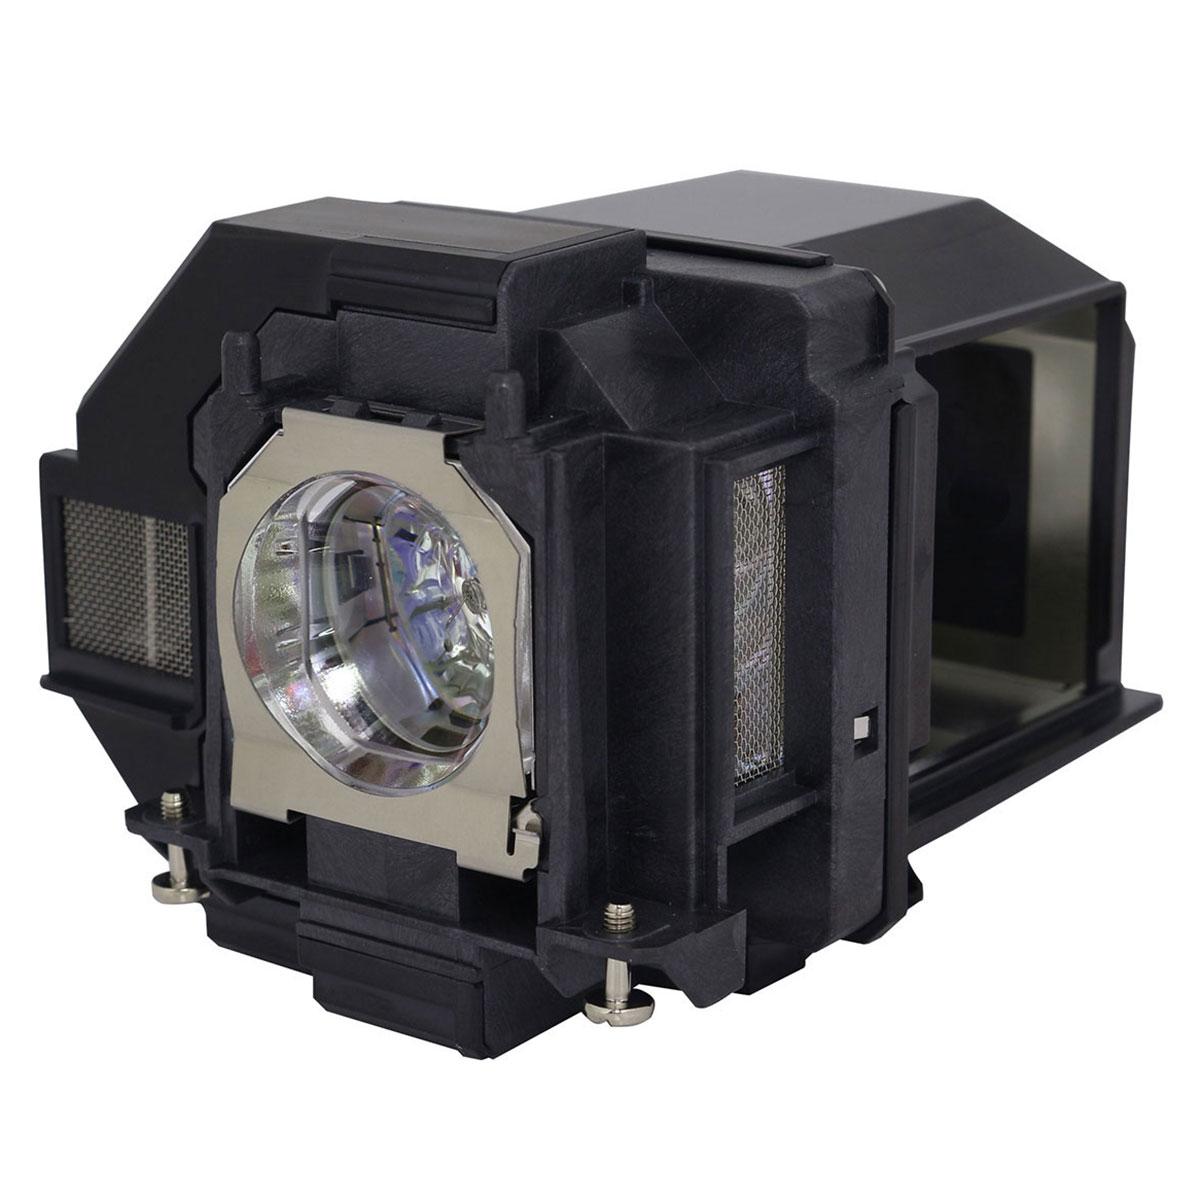 Epson PowerLite 1266 Wireless WXGA 3LCD Projector Lamp Module -  Projectorquest